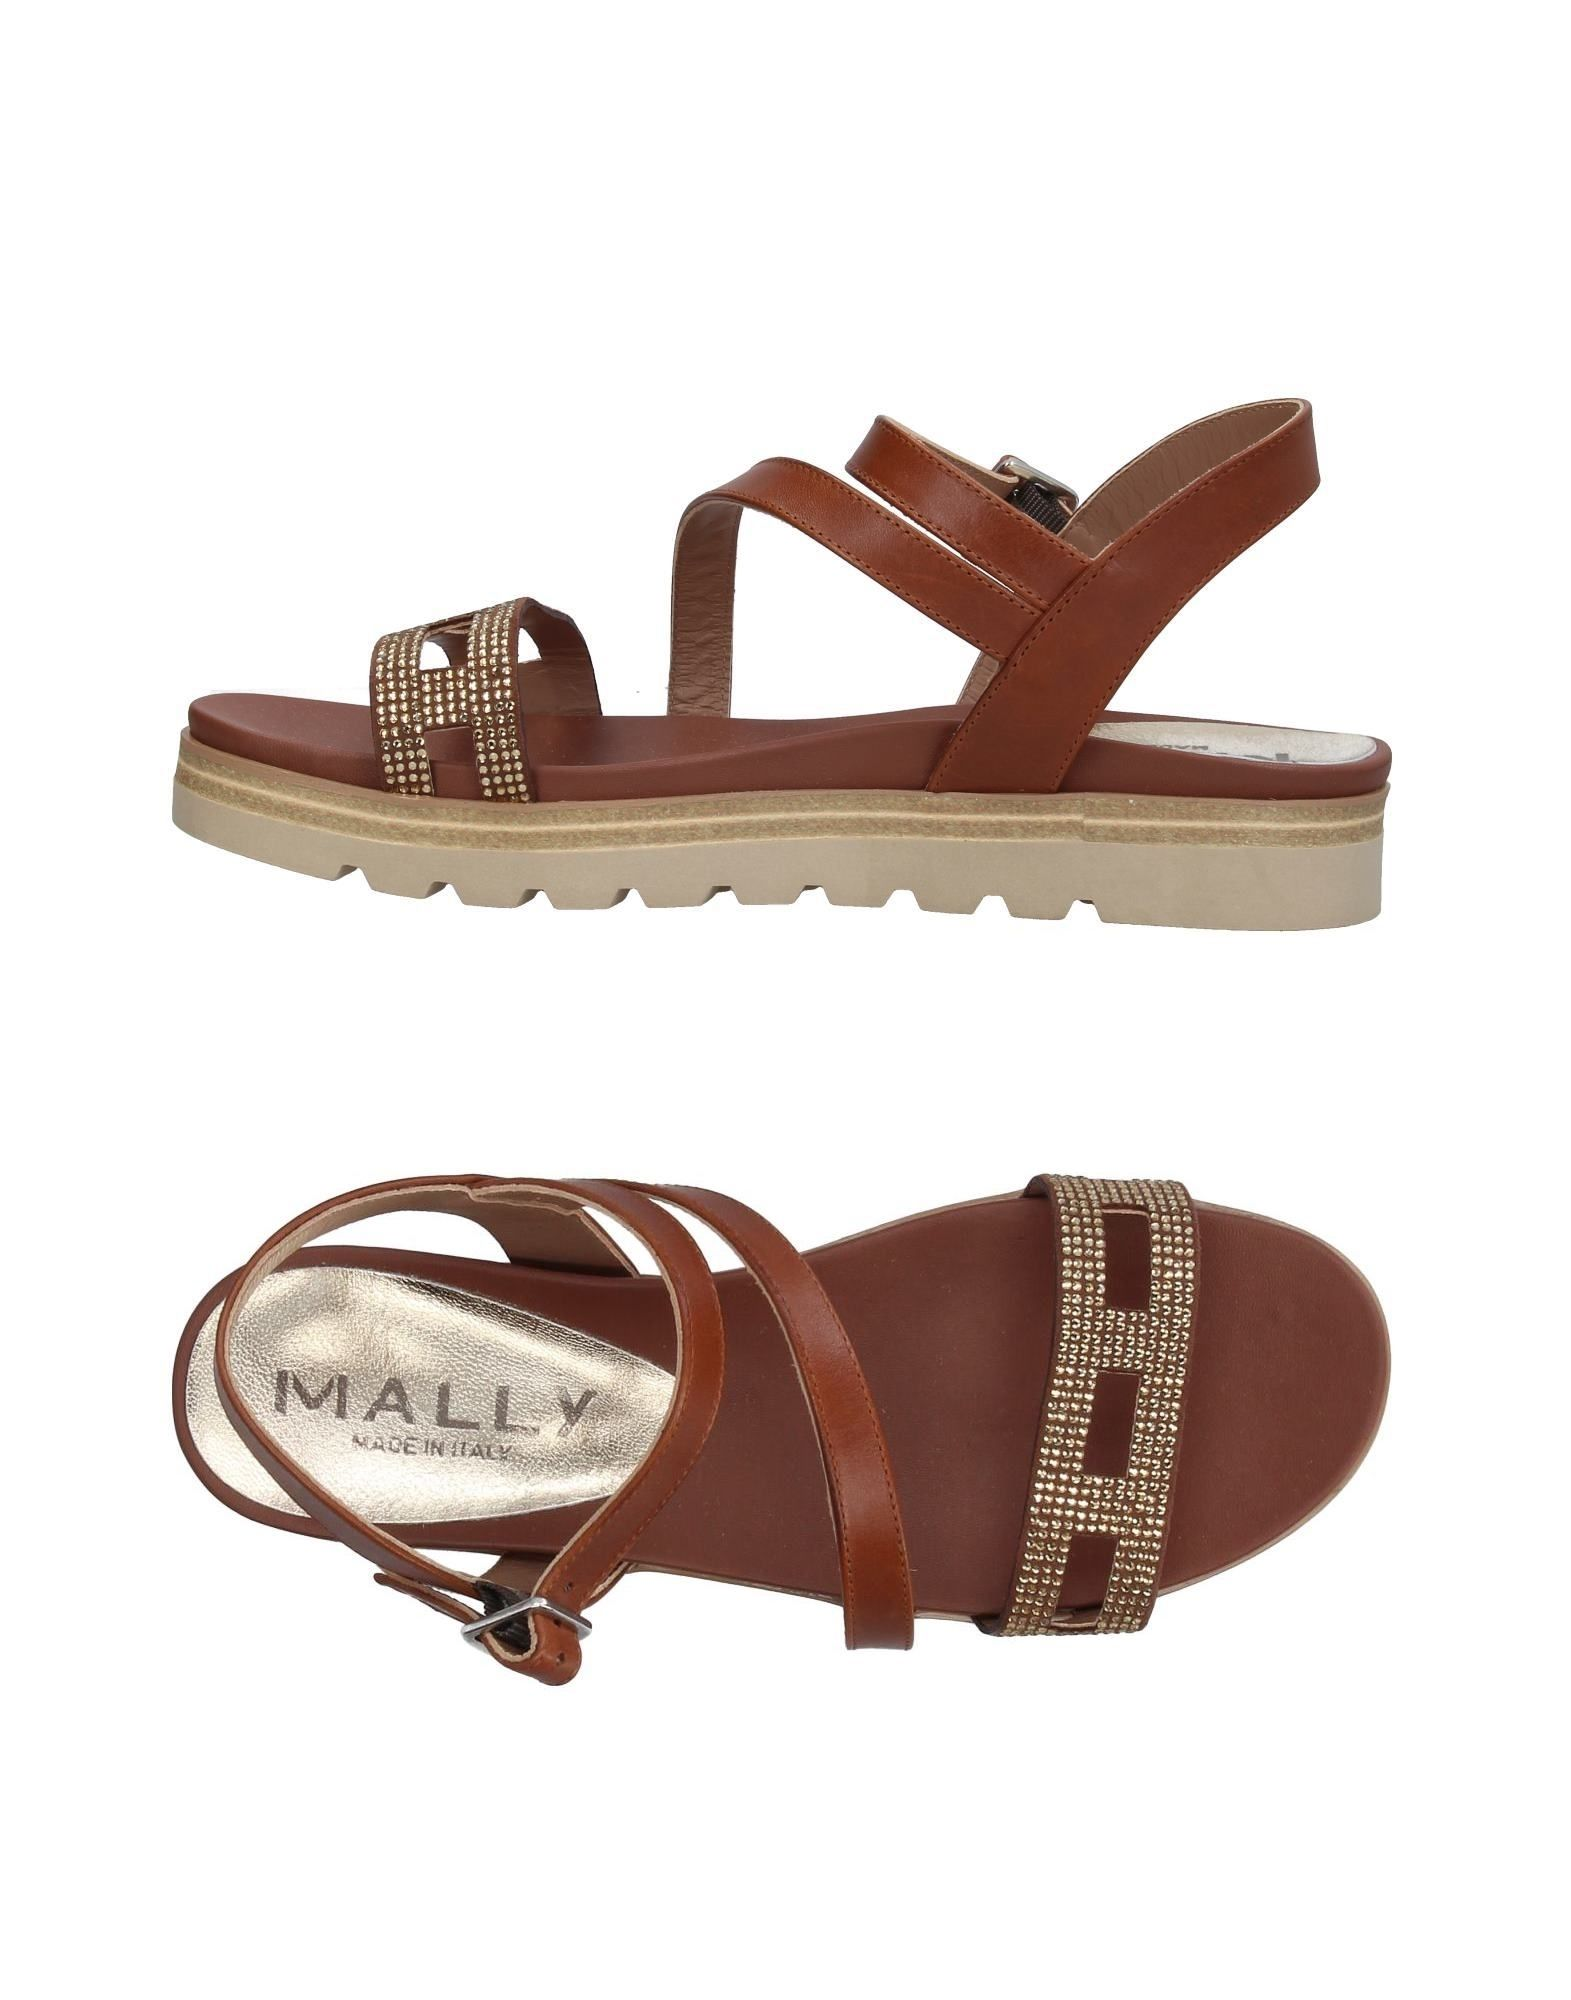 Moda Sandali Mally Donna - 11376094VN